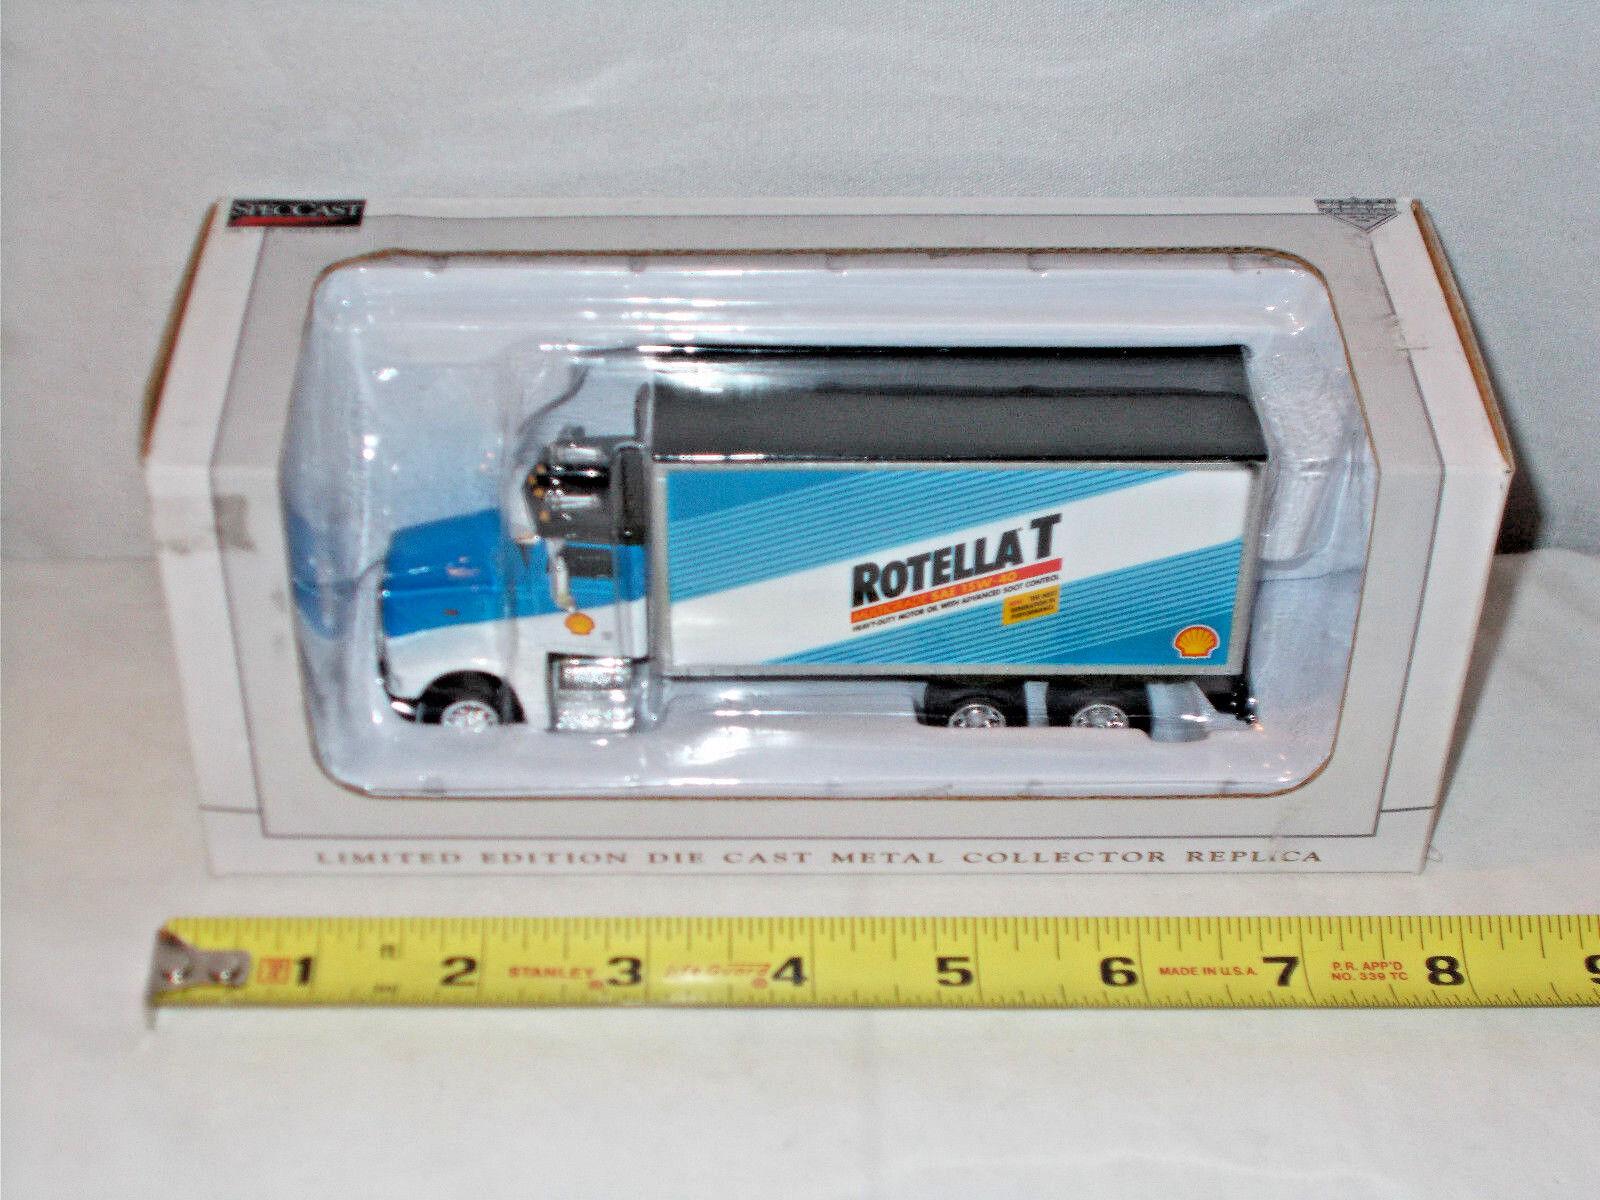 Shell Oil Rotella T Peterbilt Van Box Truck By SpecCast